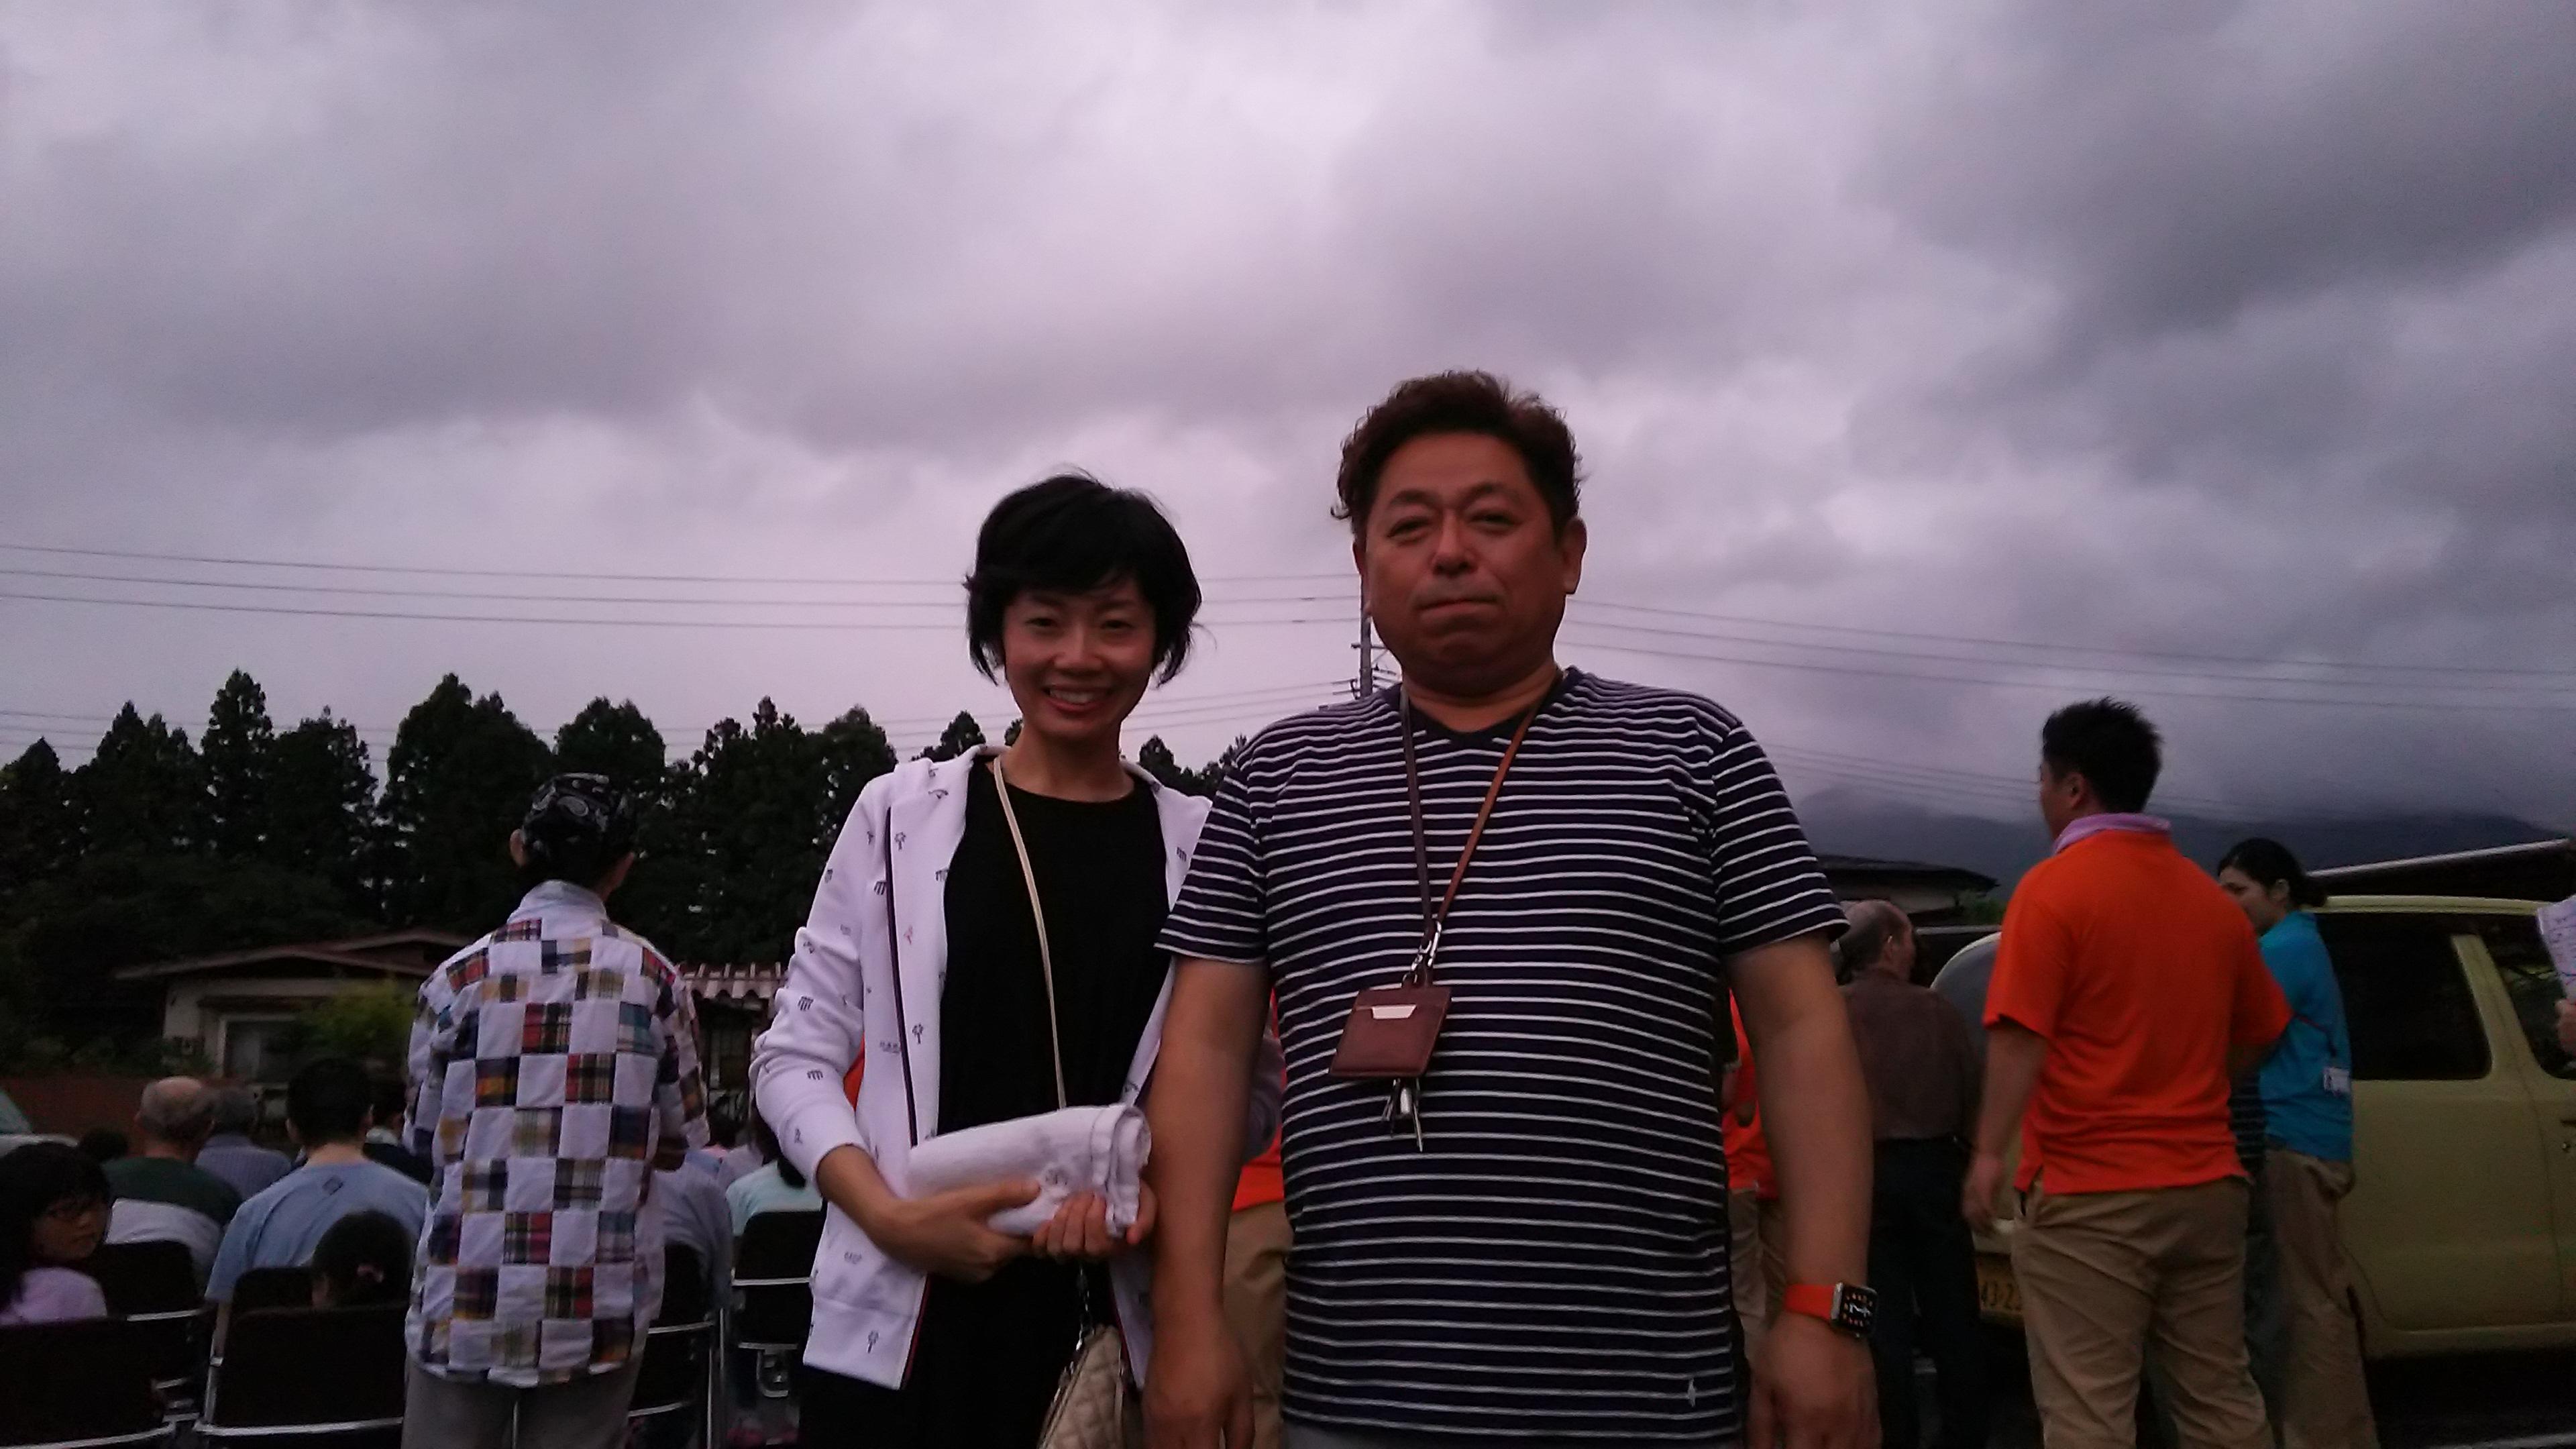 吉川病院の夏祭りです